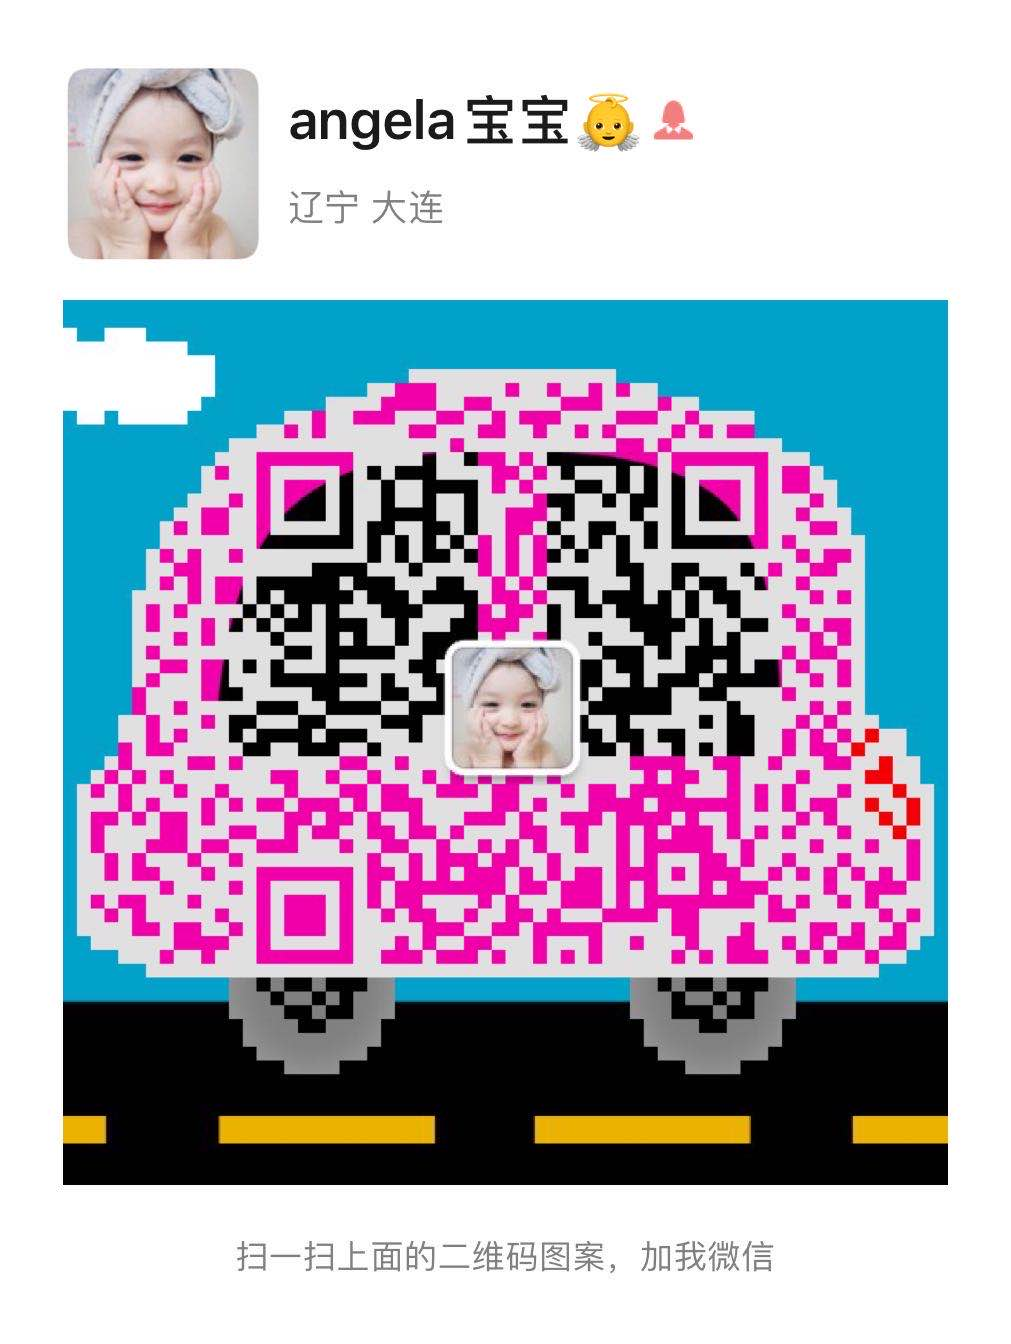 .\..\..\..\..\..\..\AppData\Local\Temp\WeChat Files\861b30faa7c75119f32f305067fc2362_.jpg